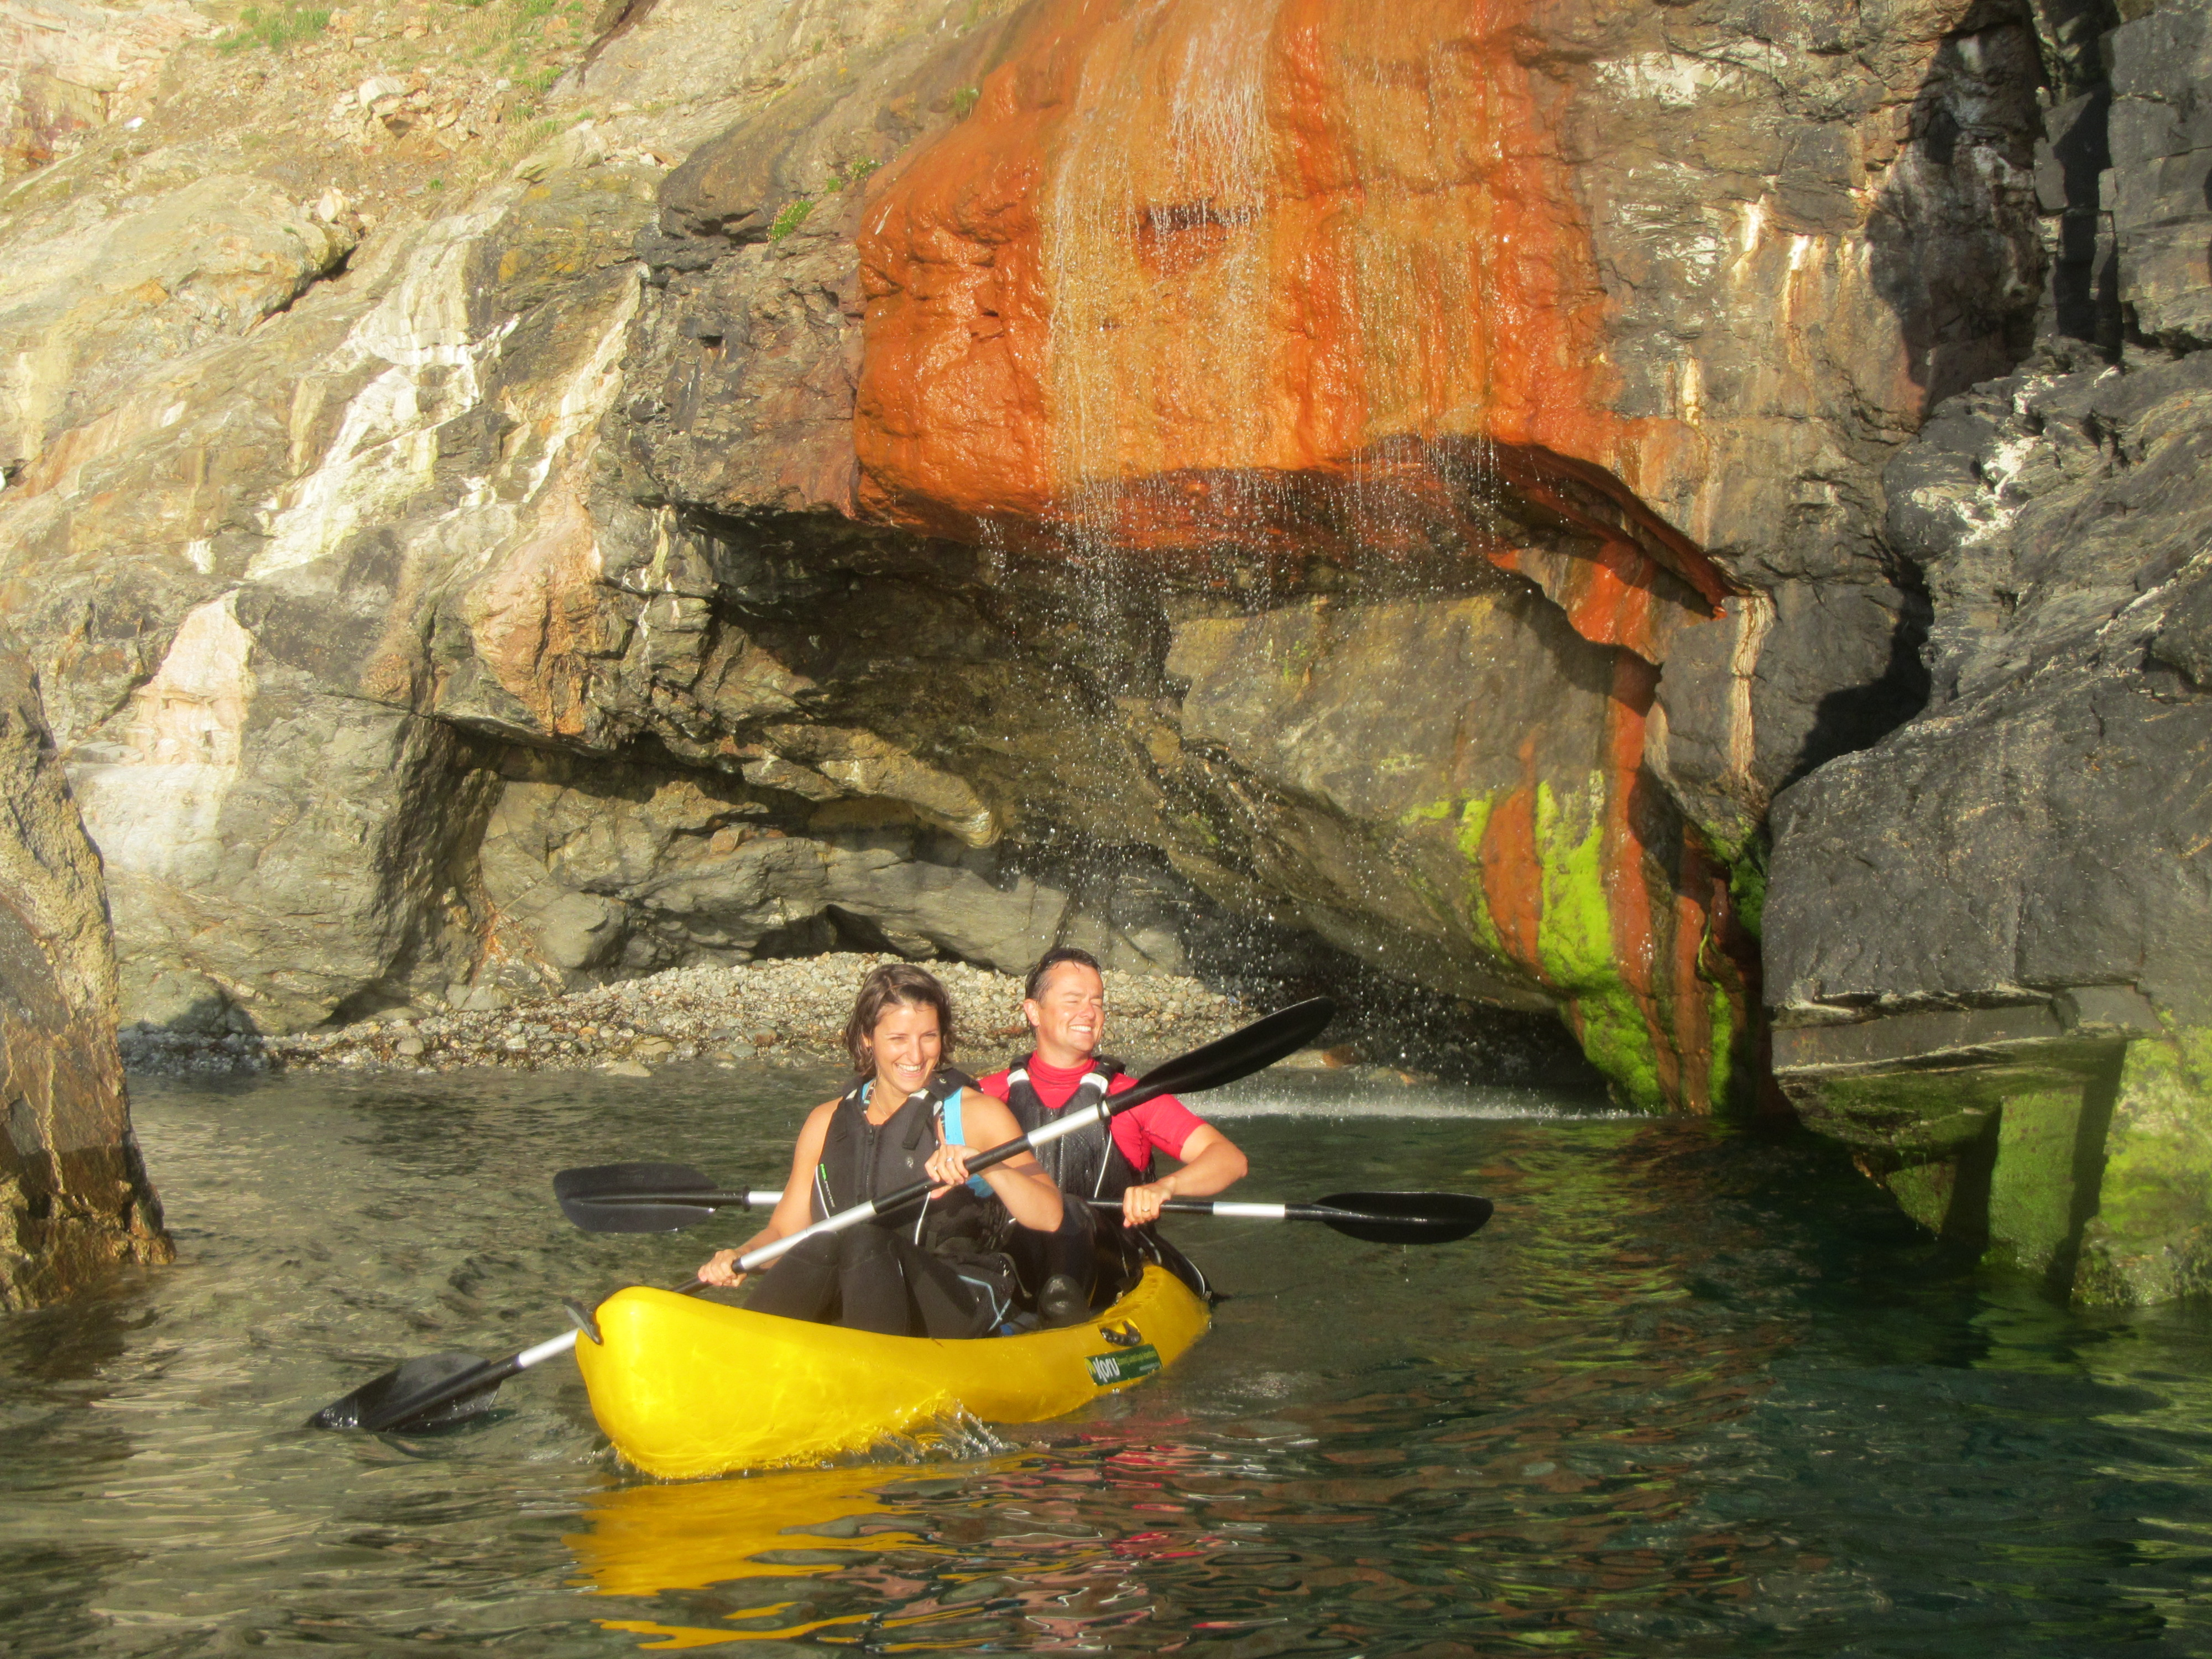 Kayaking under Waterfalls